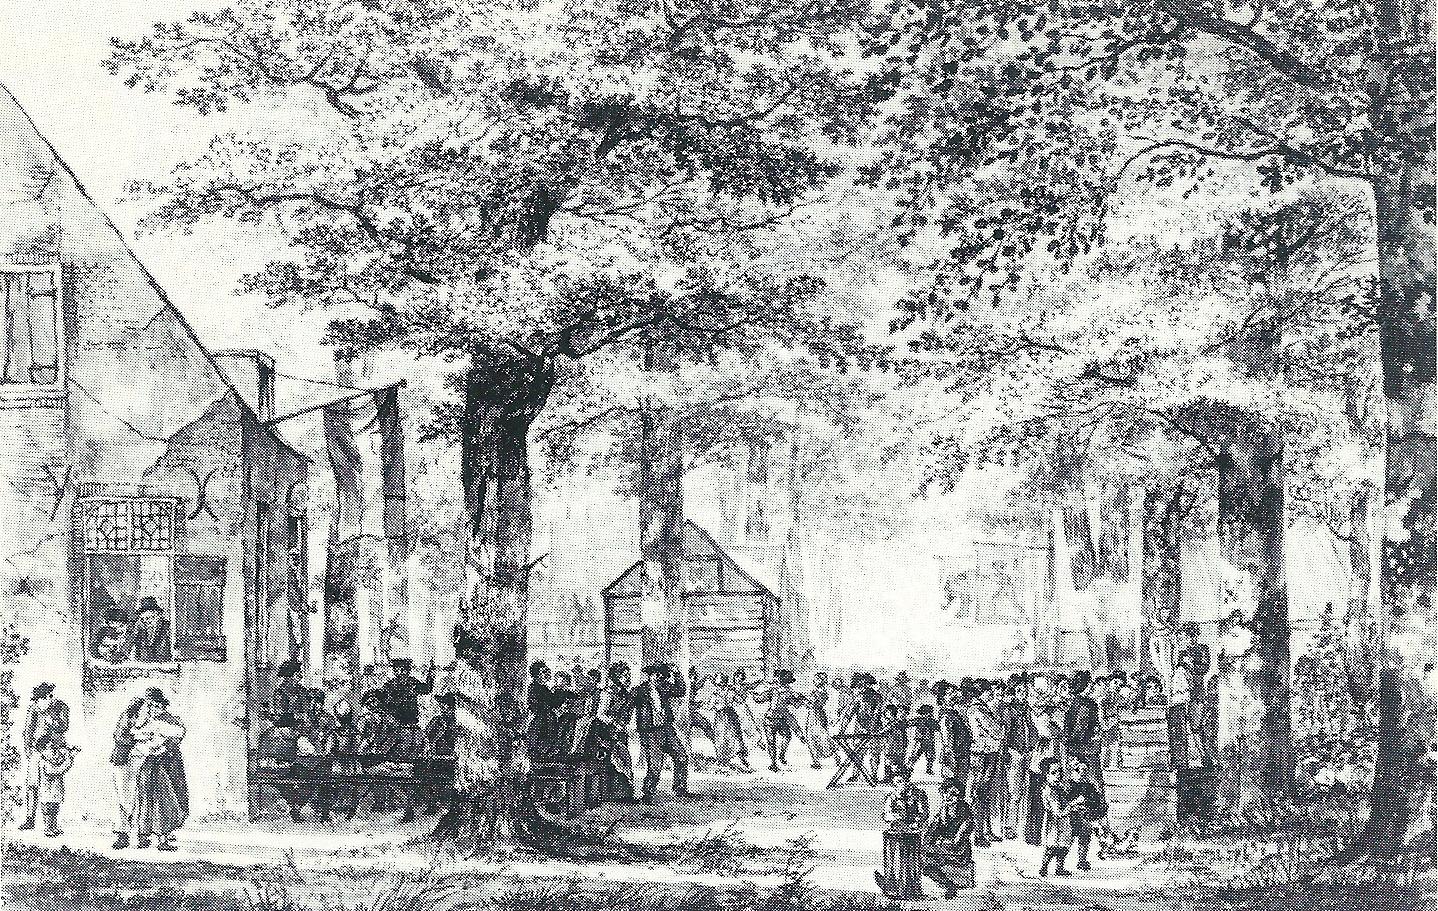 Volksvermaken in vroeger eeuwen een roomse preek uit 1741 contra de kermis librariana for Interieur 19e eeuw